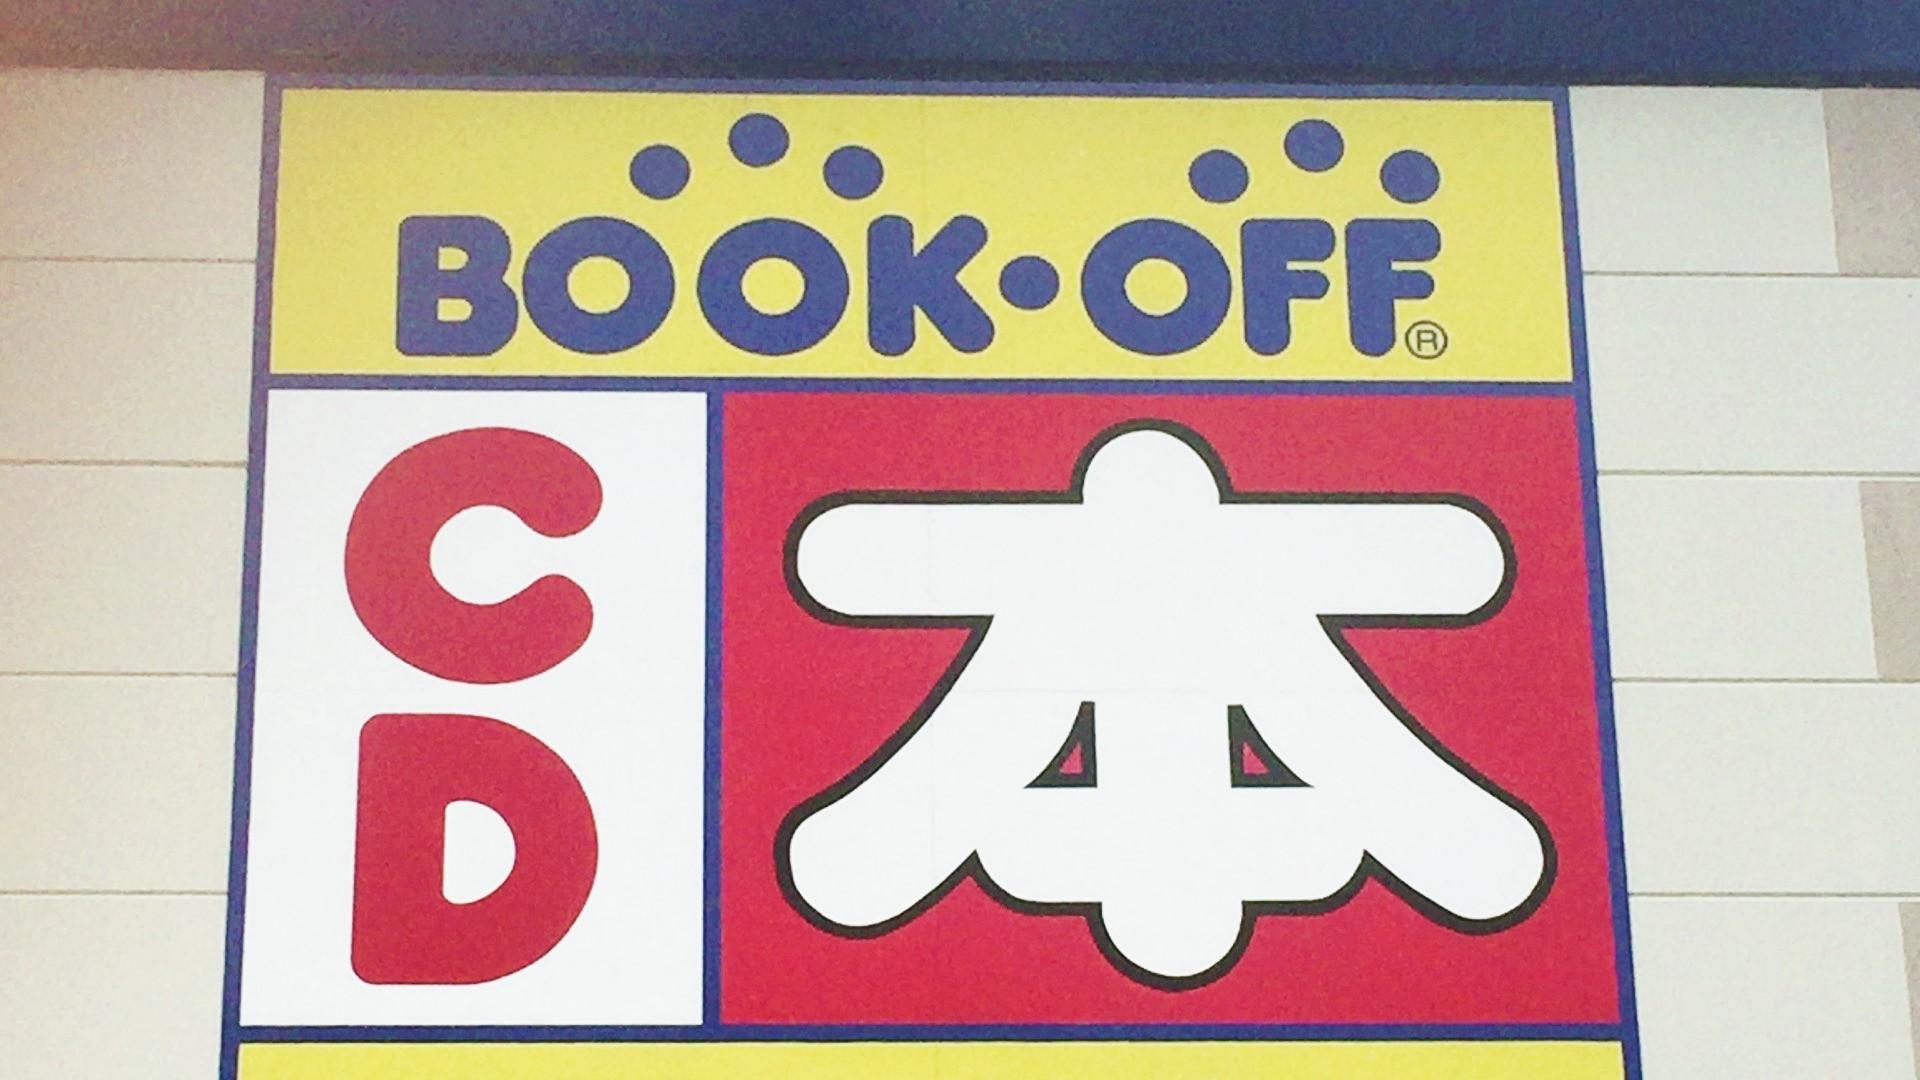 BOOKOFFで本を売る場合の目安にしてください【参考情報】